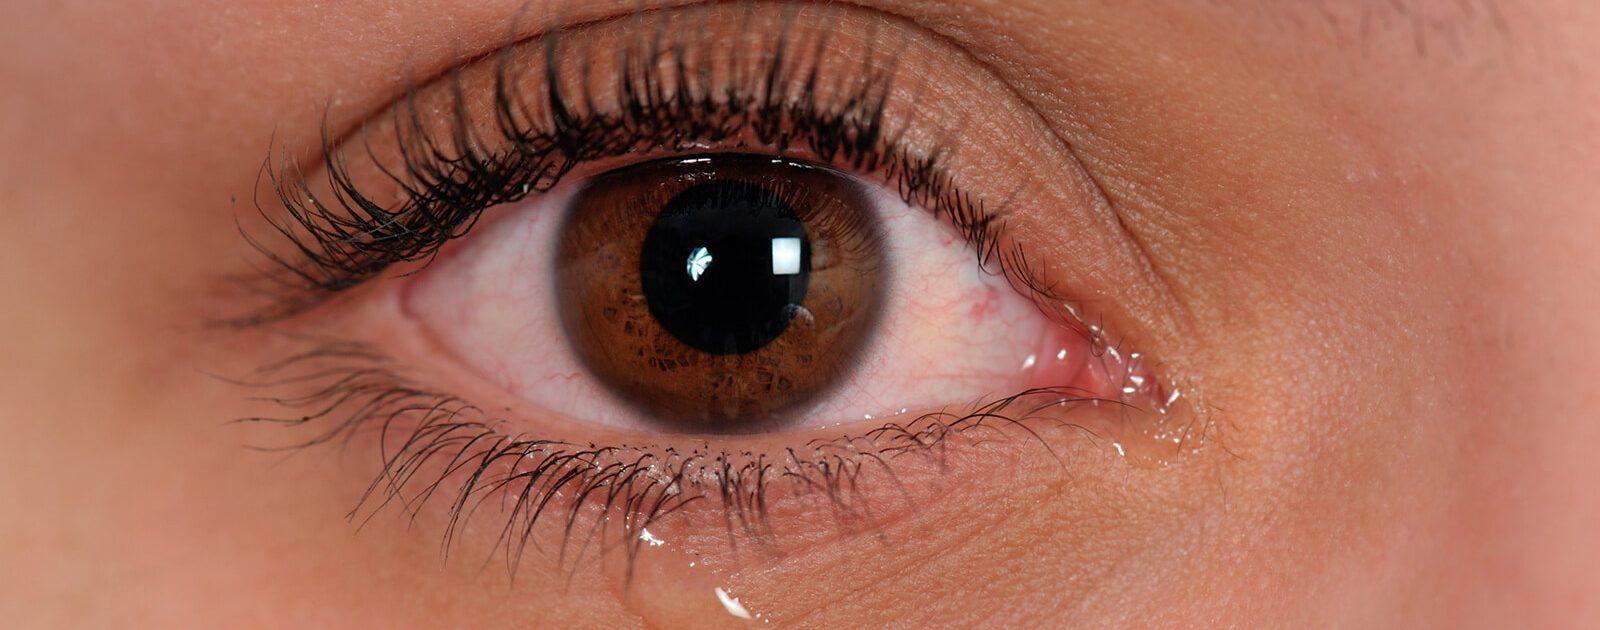 Tränen werden in Tränendrüsen produziert.